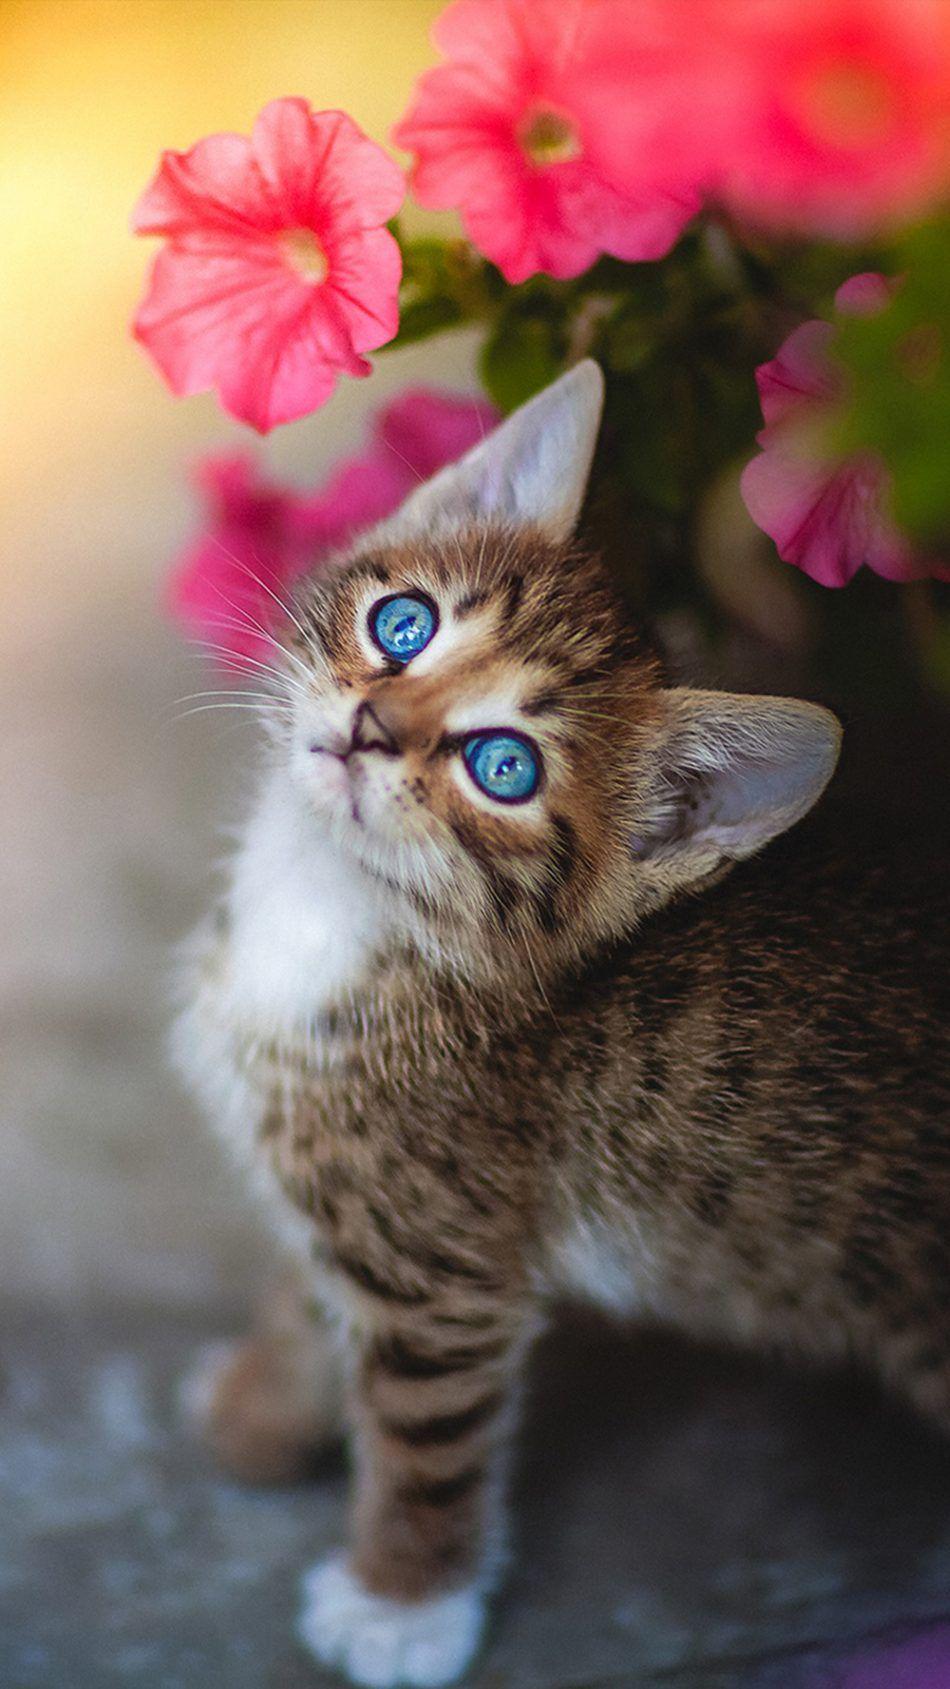 Cute Kitten Blue Eyes Flower Kittens cutest, Beautiful